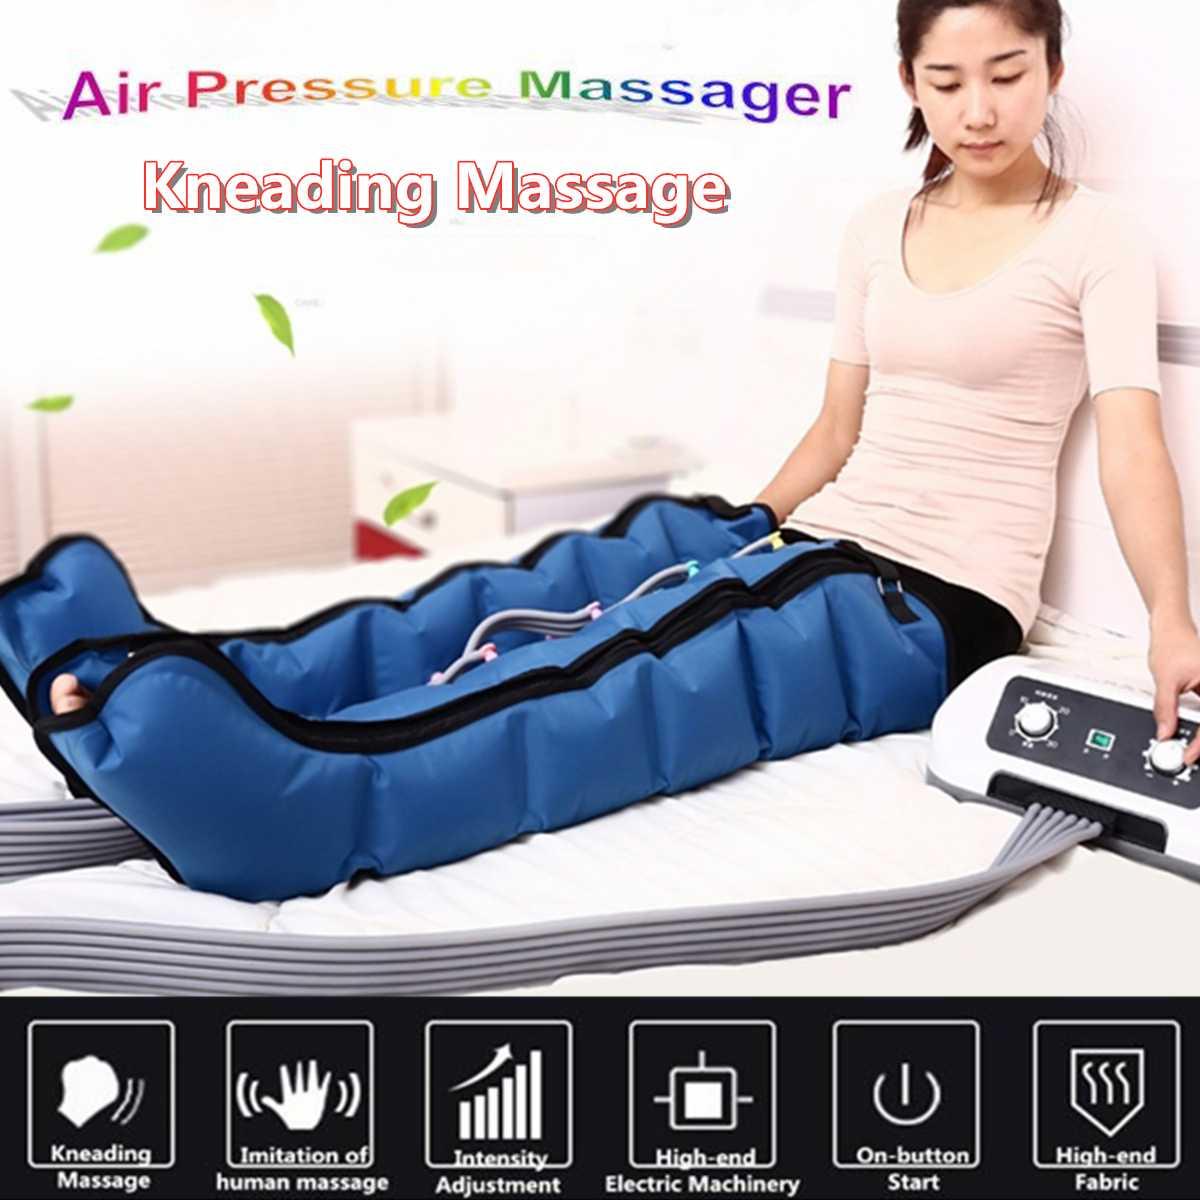 Stiefel Massagegerät Massage Luft Kompression Bein Arme Blut Bauch Fußknöchel